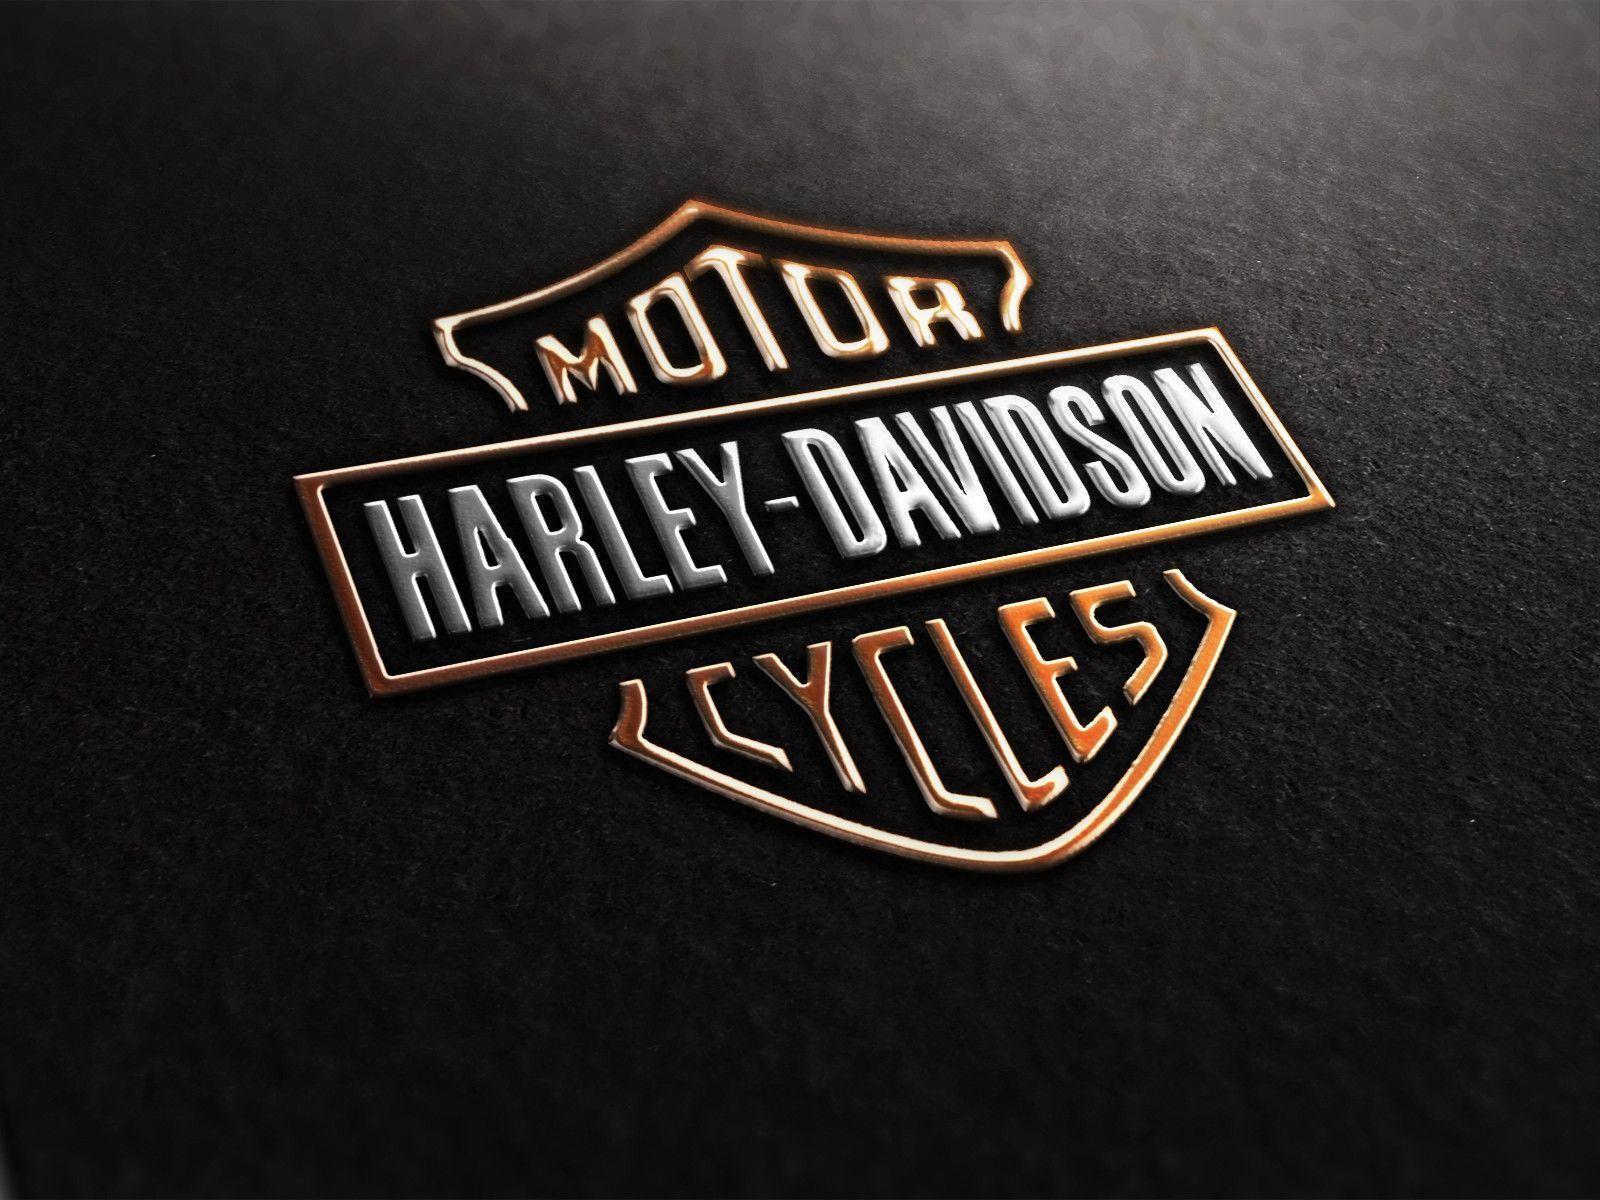 Harley Davidson Logo Wallpapers 1600x1200